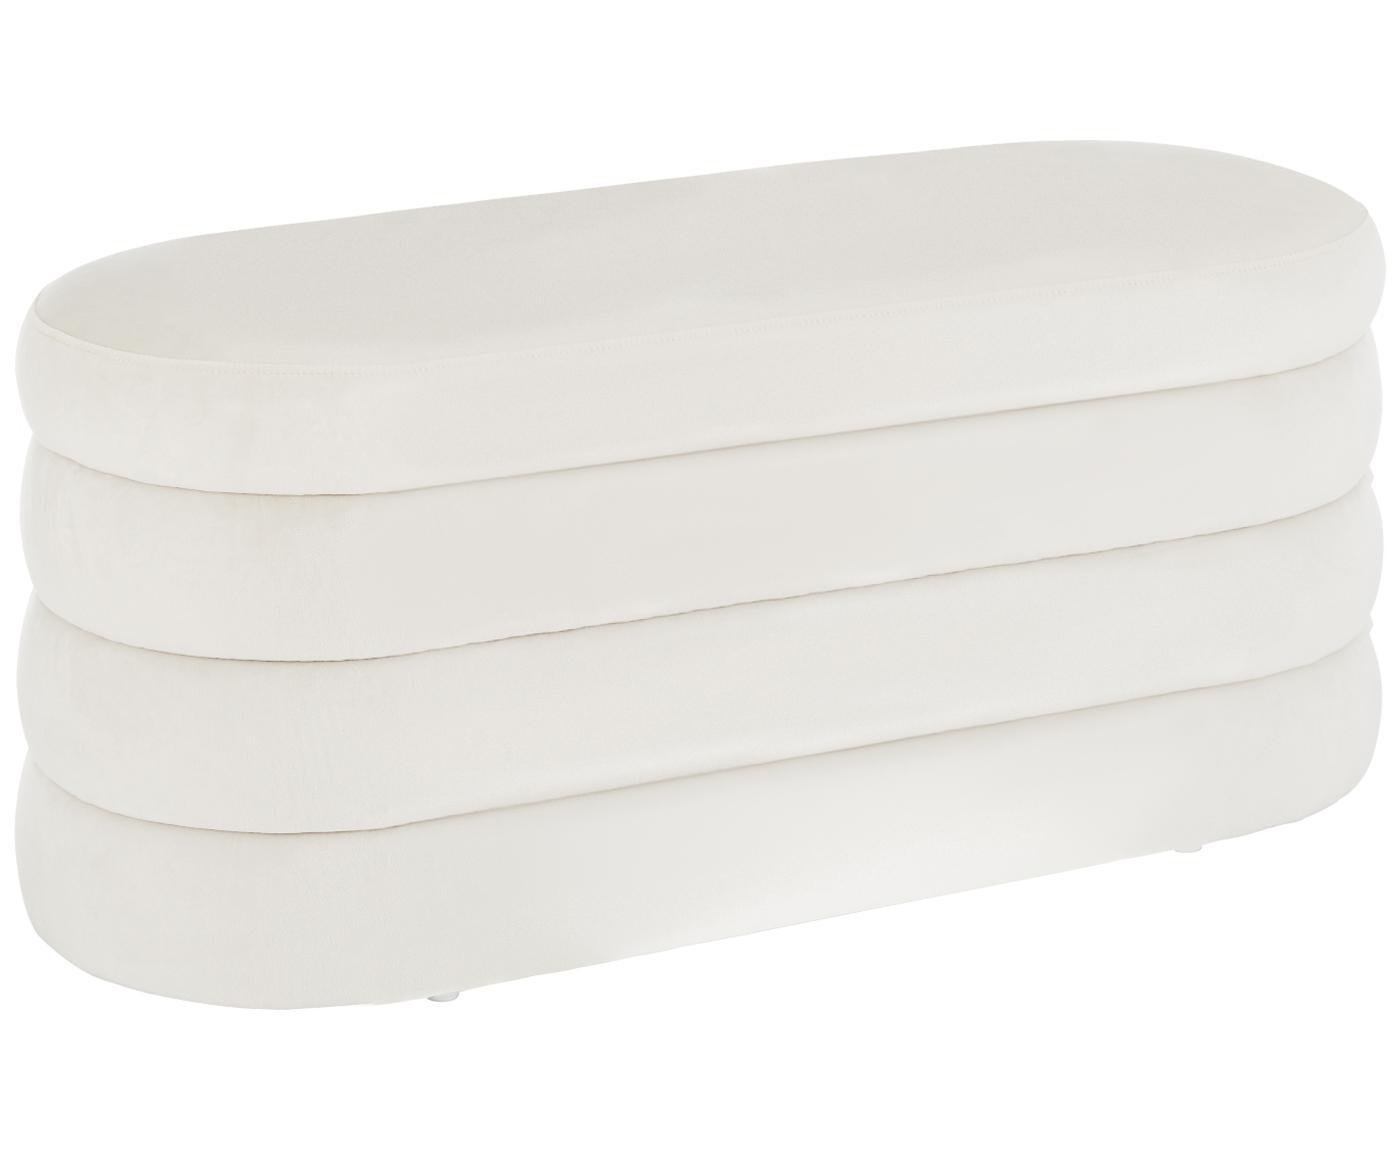 Banco de terciopelo Alto, Tapizado: terciopelo (poliéster) 30, Estructura: madera de pino macizo, ma, Blanco crema, An 110 x Al 47 cm